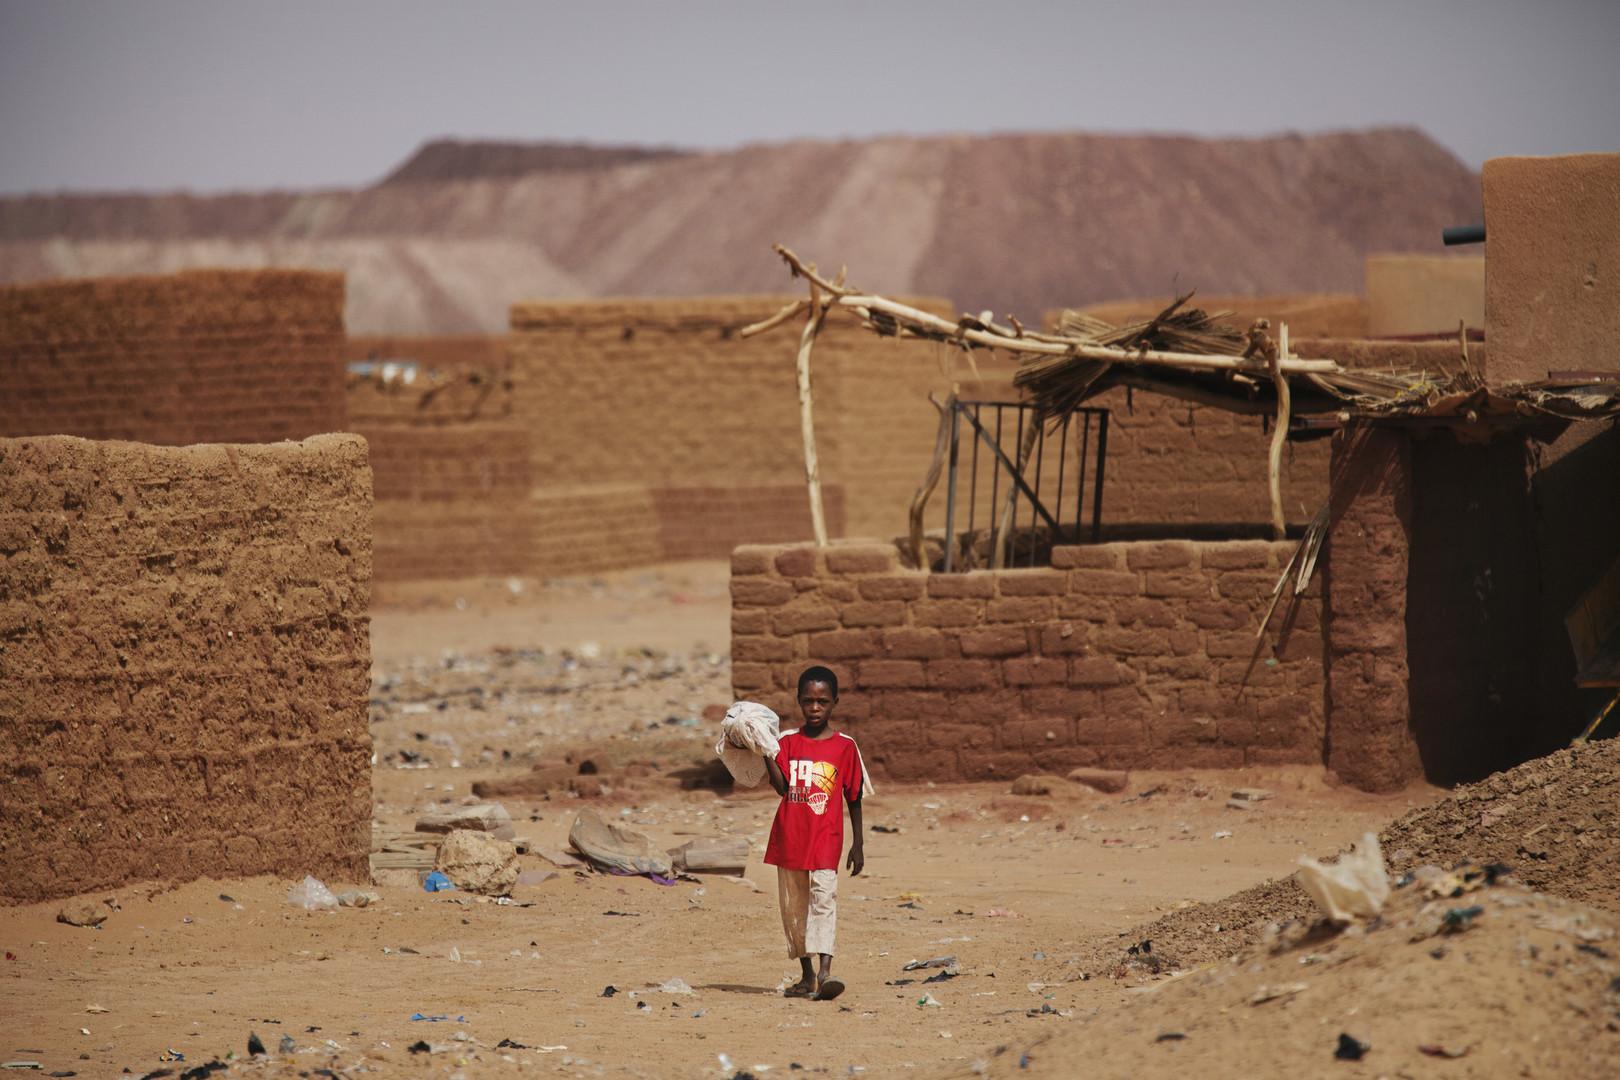 Neue Auslandseinsätze: Deutschland wird eine Militärbasis in Niger bauen